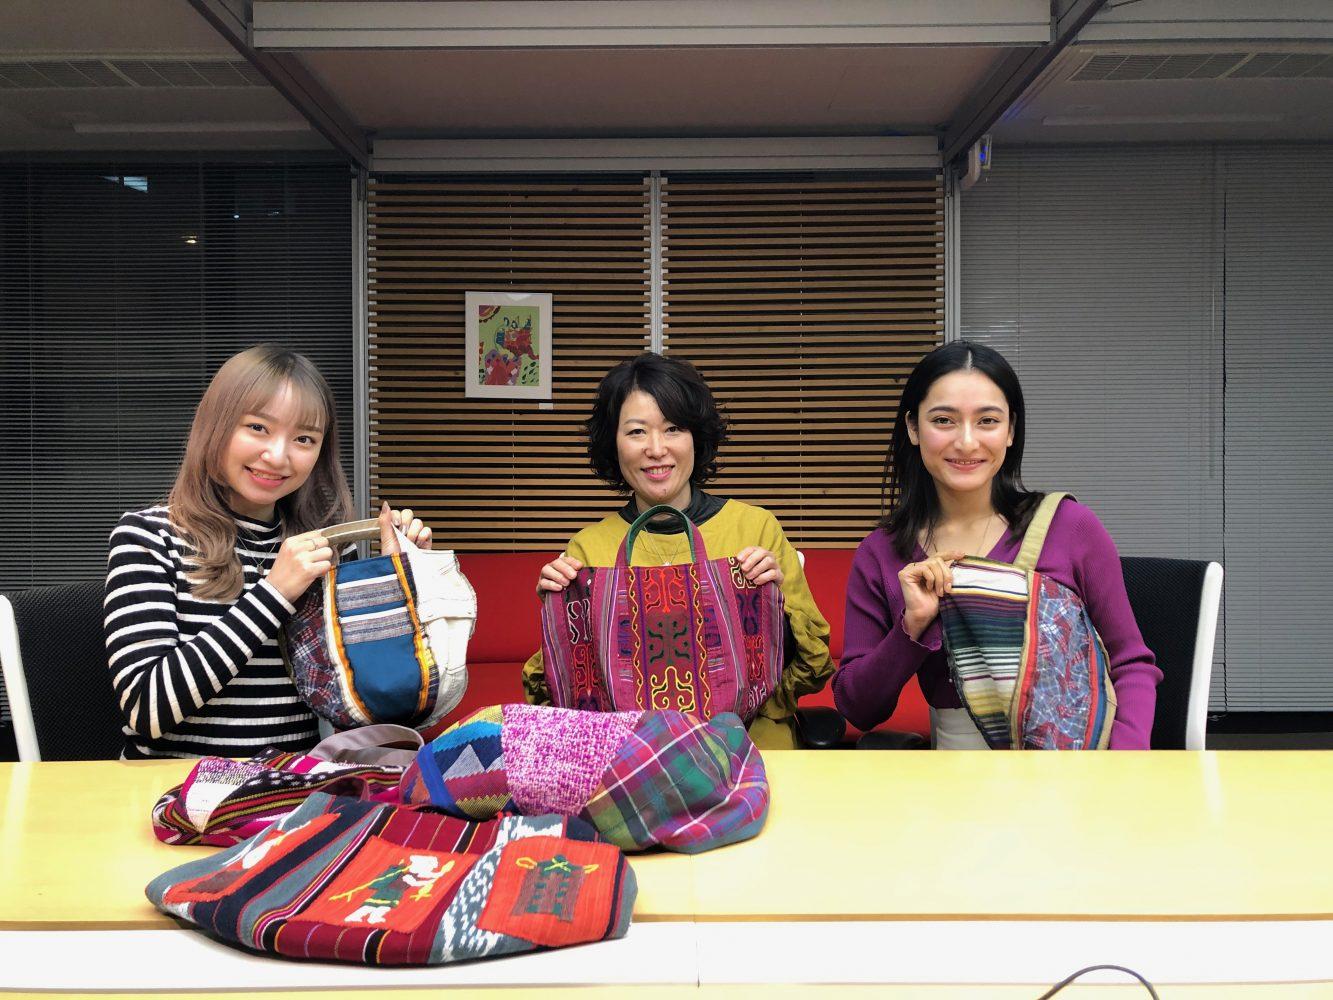 kibi-ru ACTION 内田洋行「UCHIDA TV」